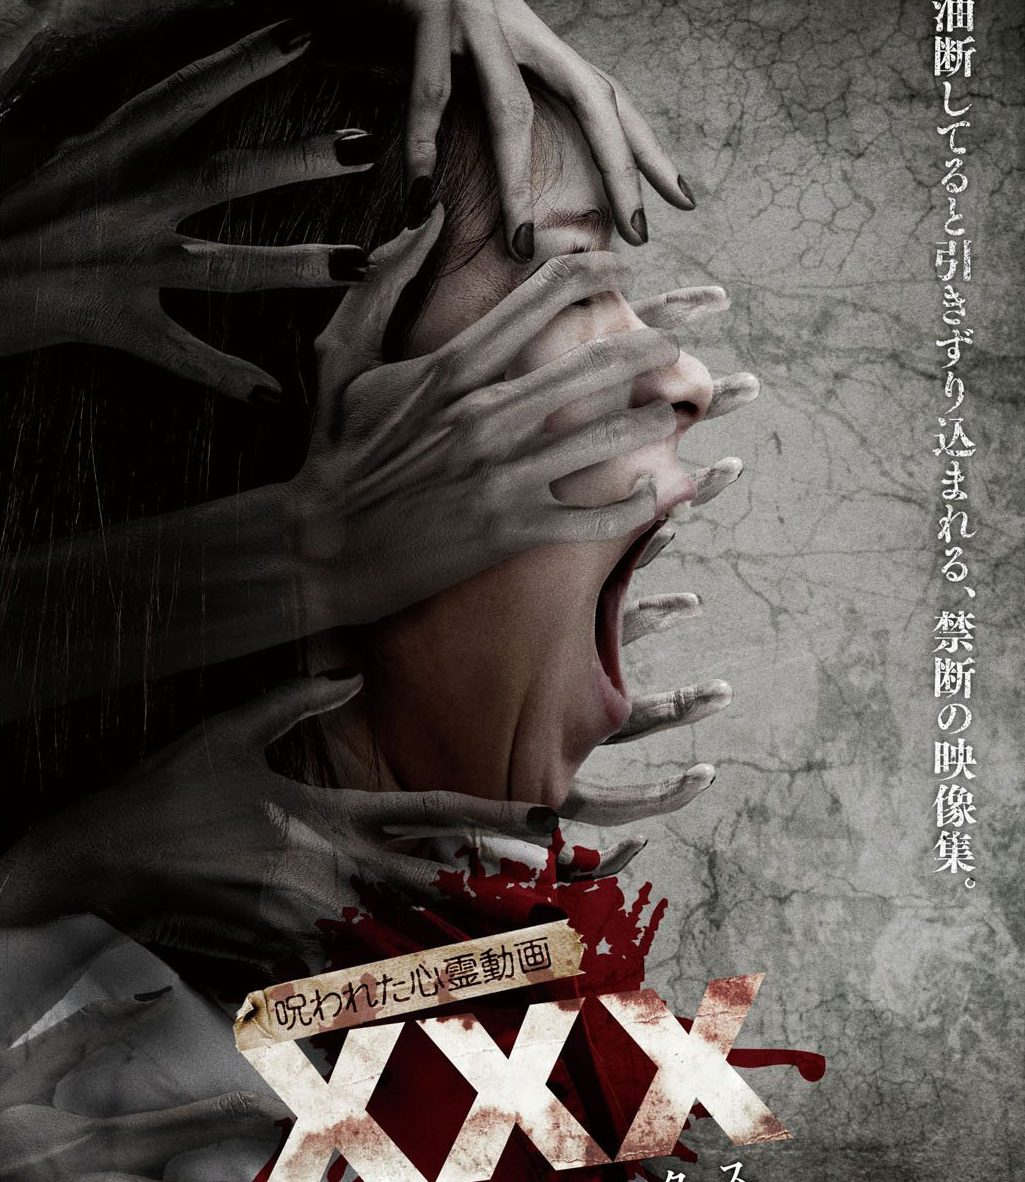 呪われた心霊動画 XXX 16」2019...